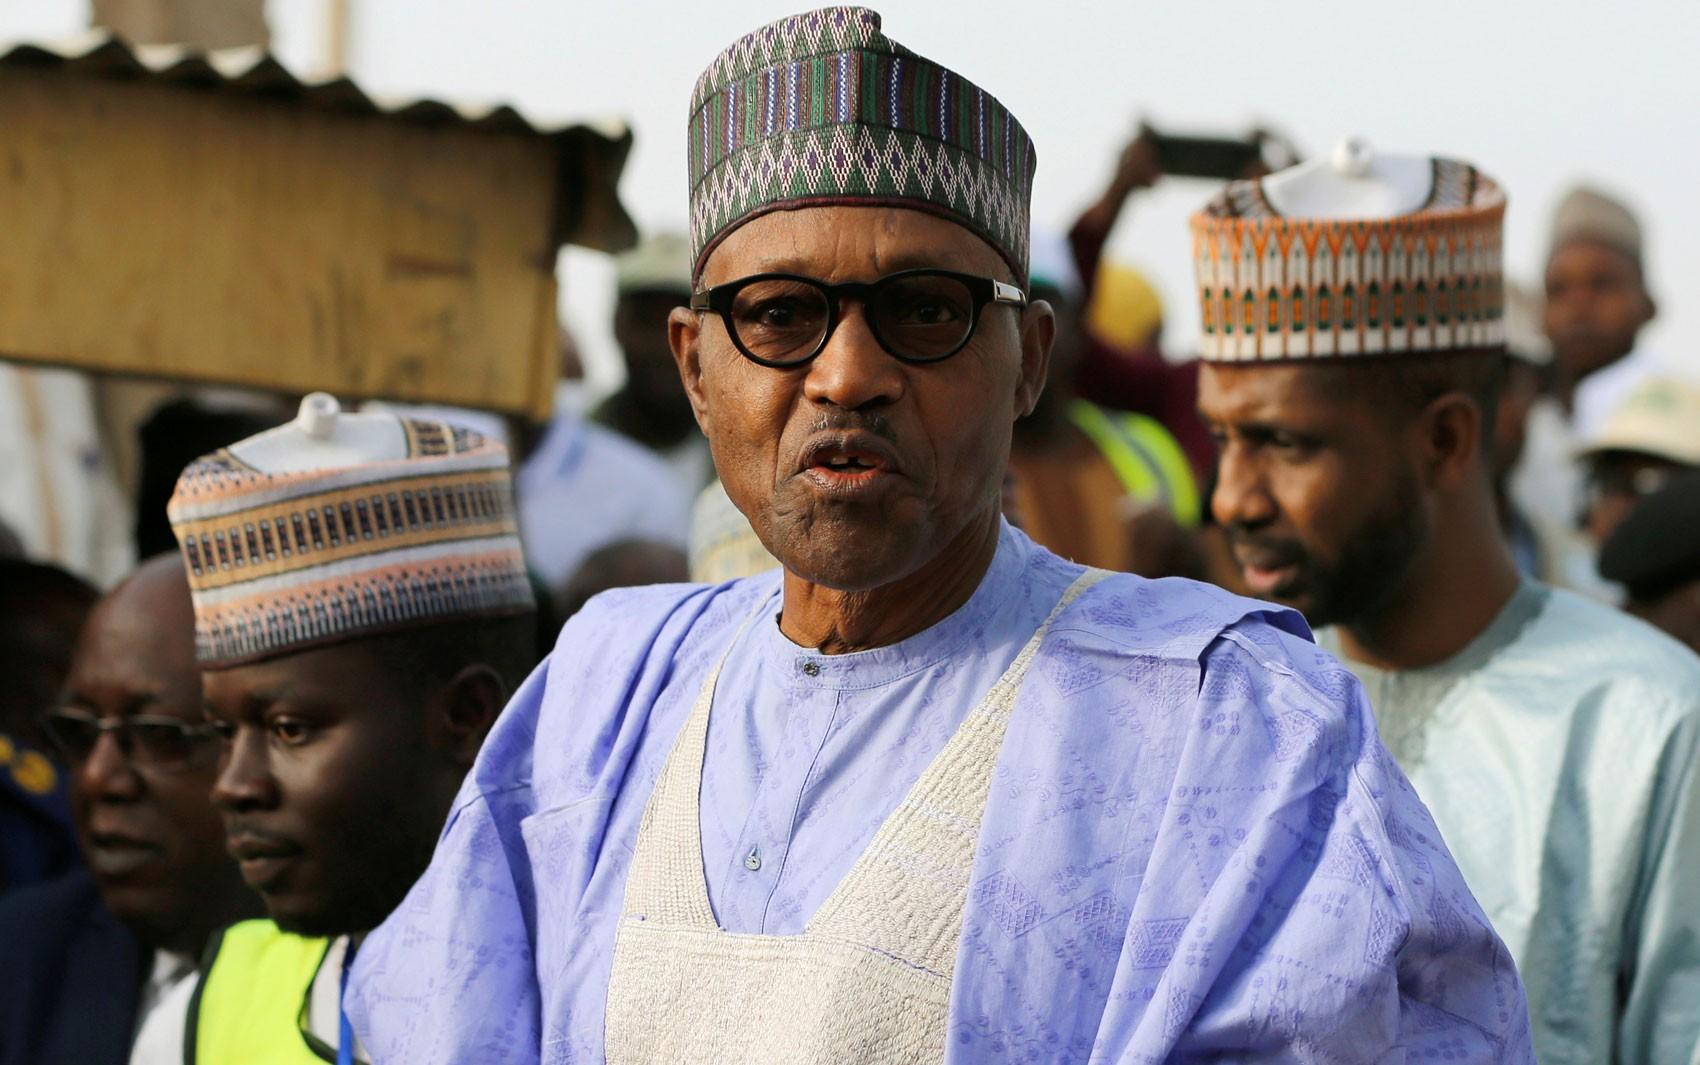 Presidente da Nigéria pede calma após protesto contra violência policial ser dispersado com tiros; 1 morte foi registrada